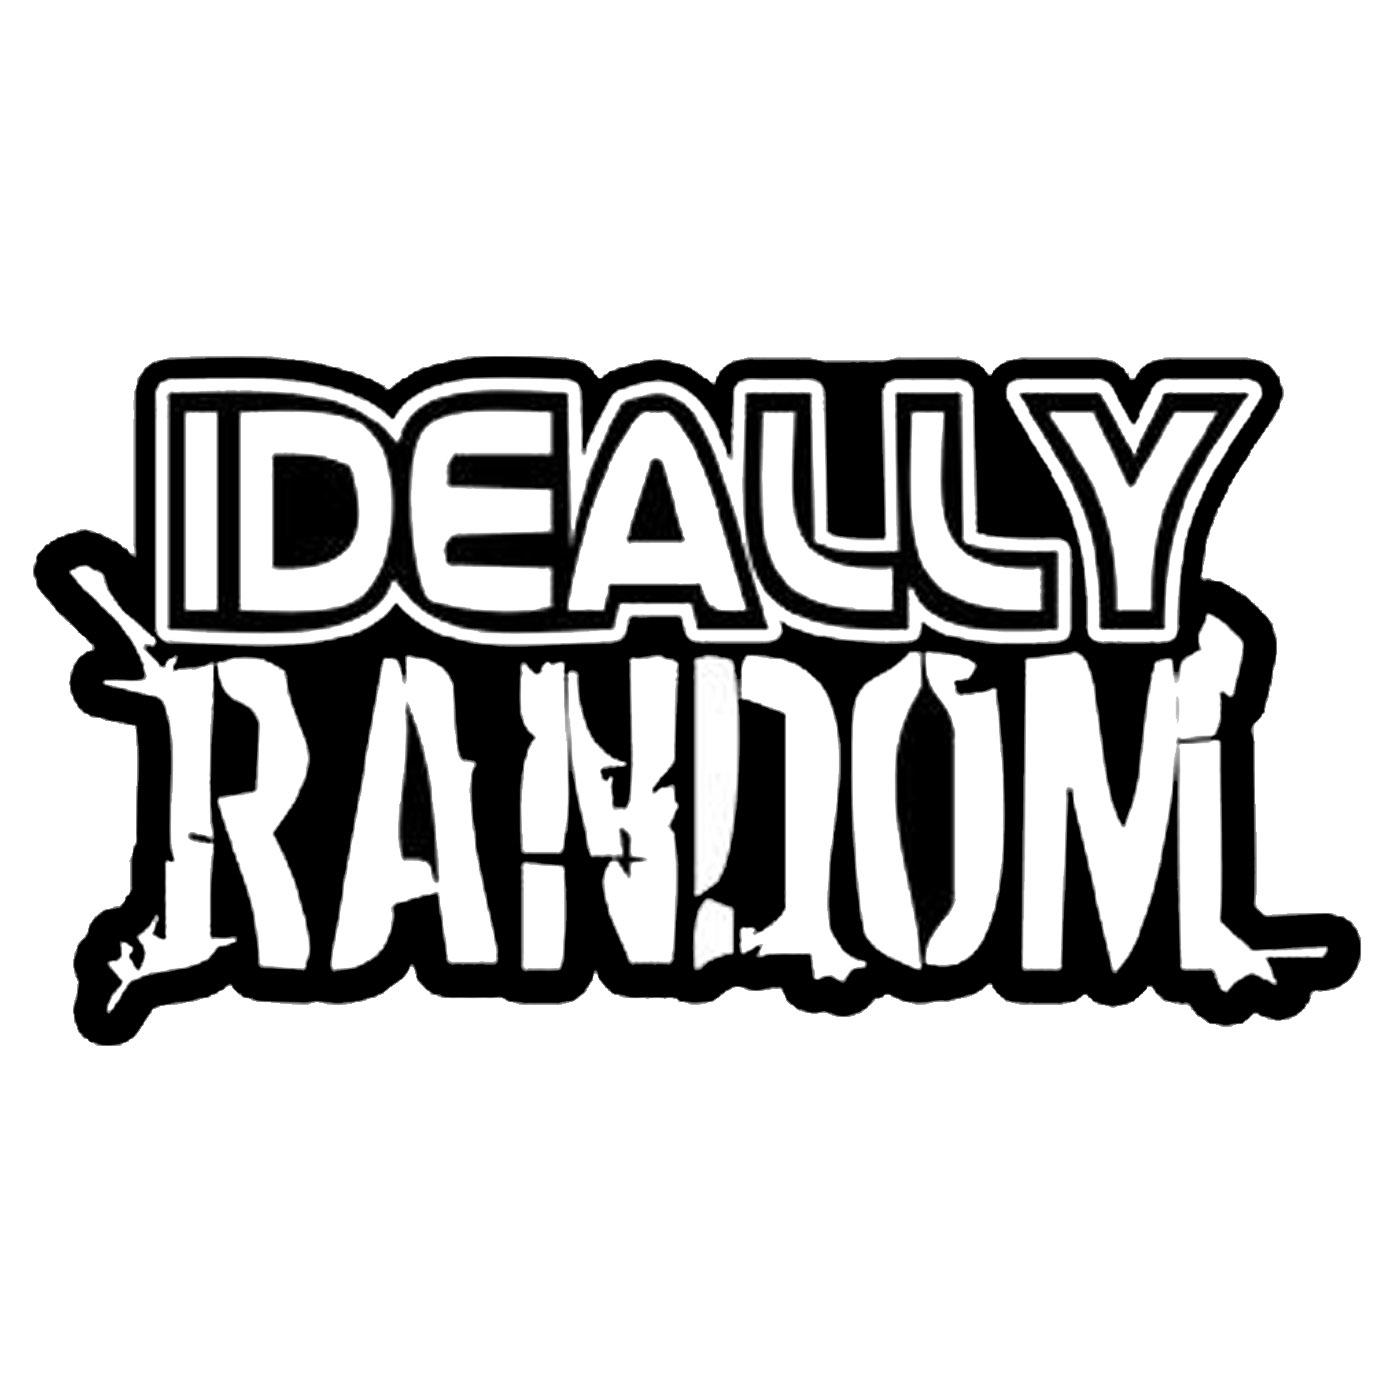 IdeallyRandom Podcast